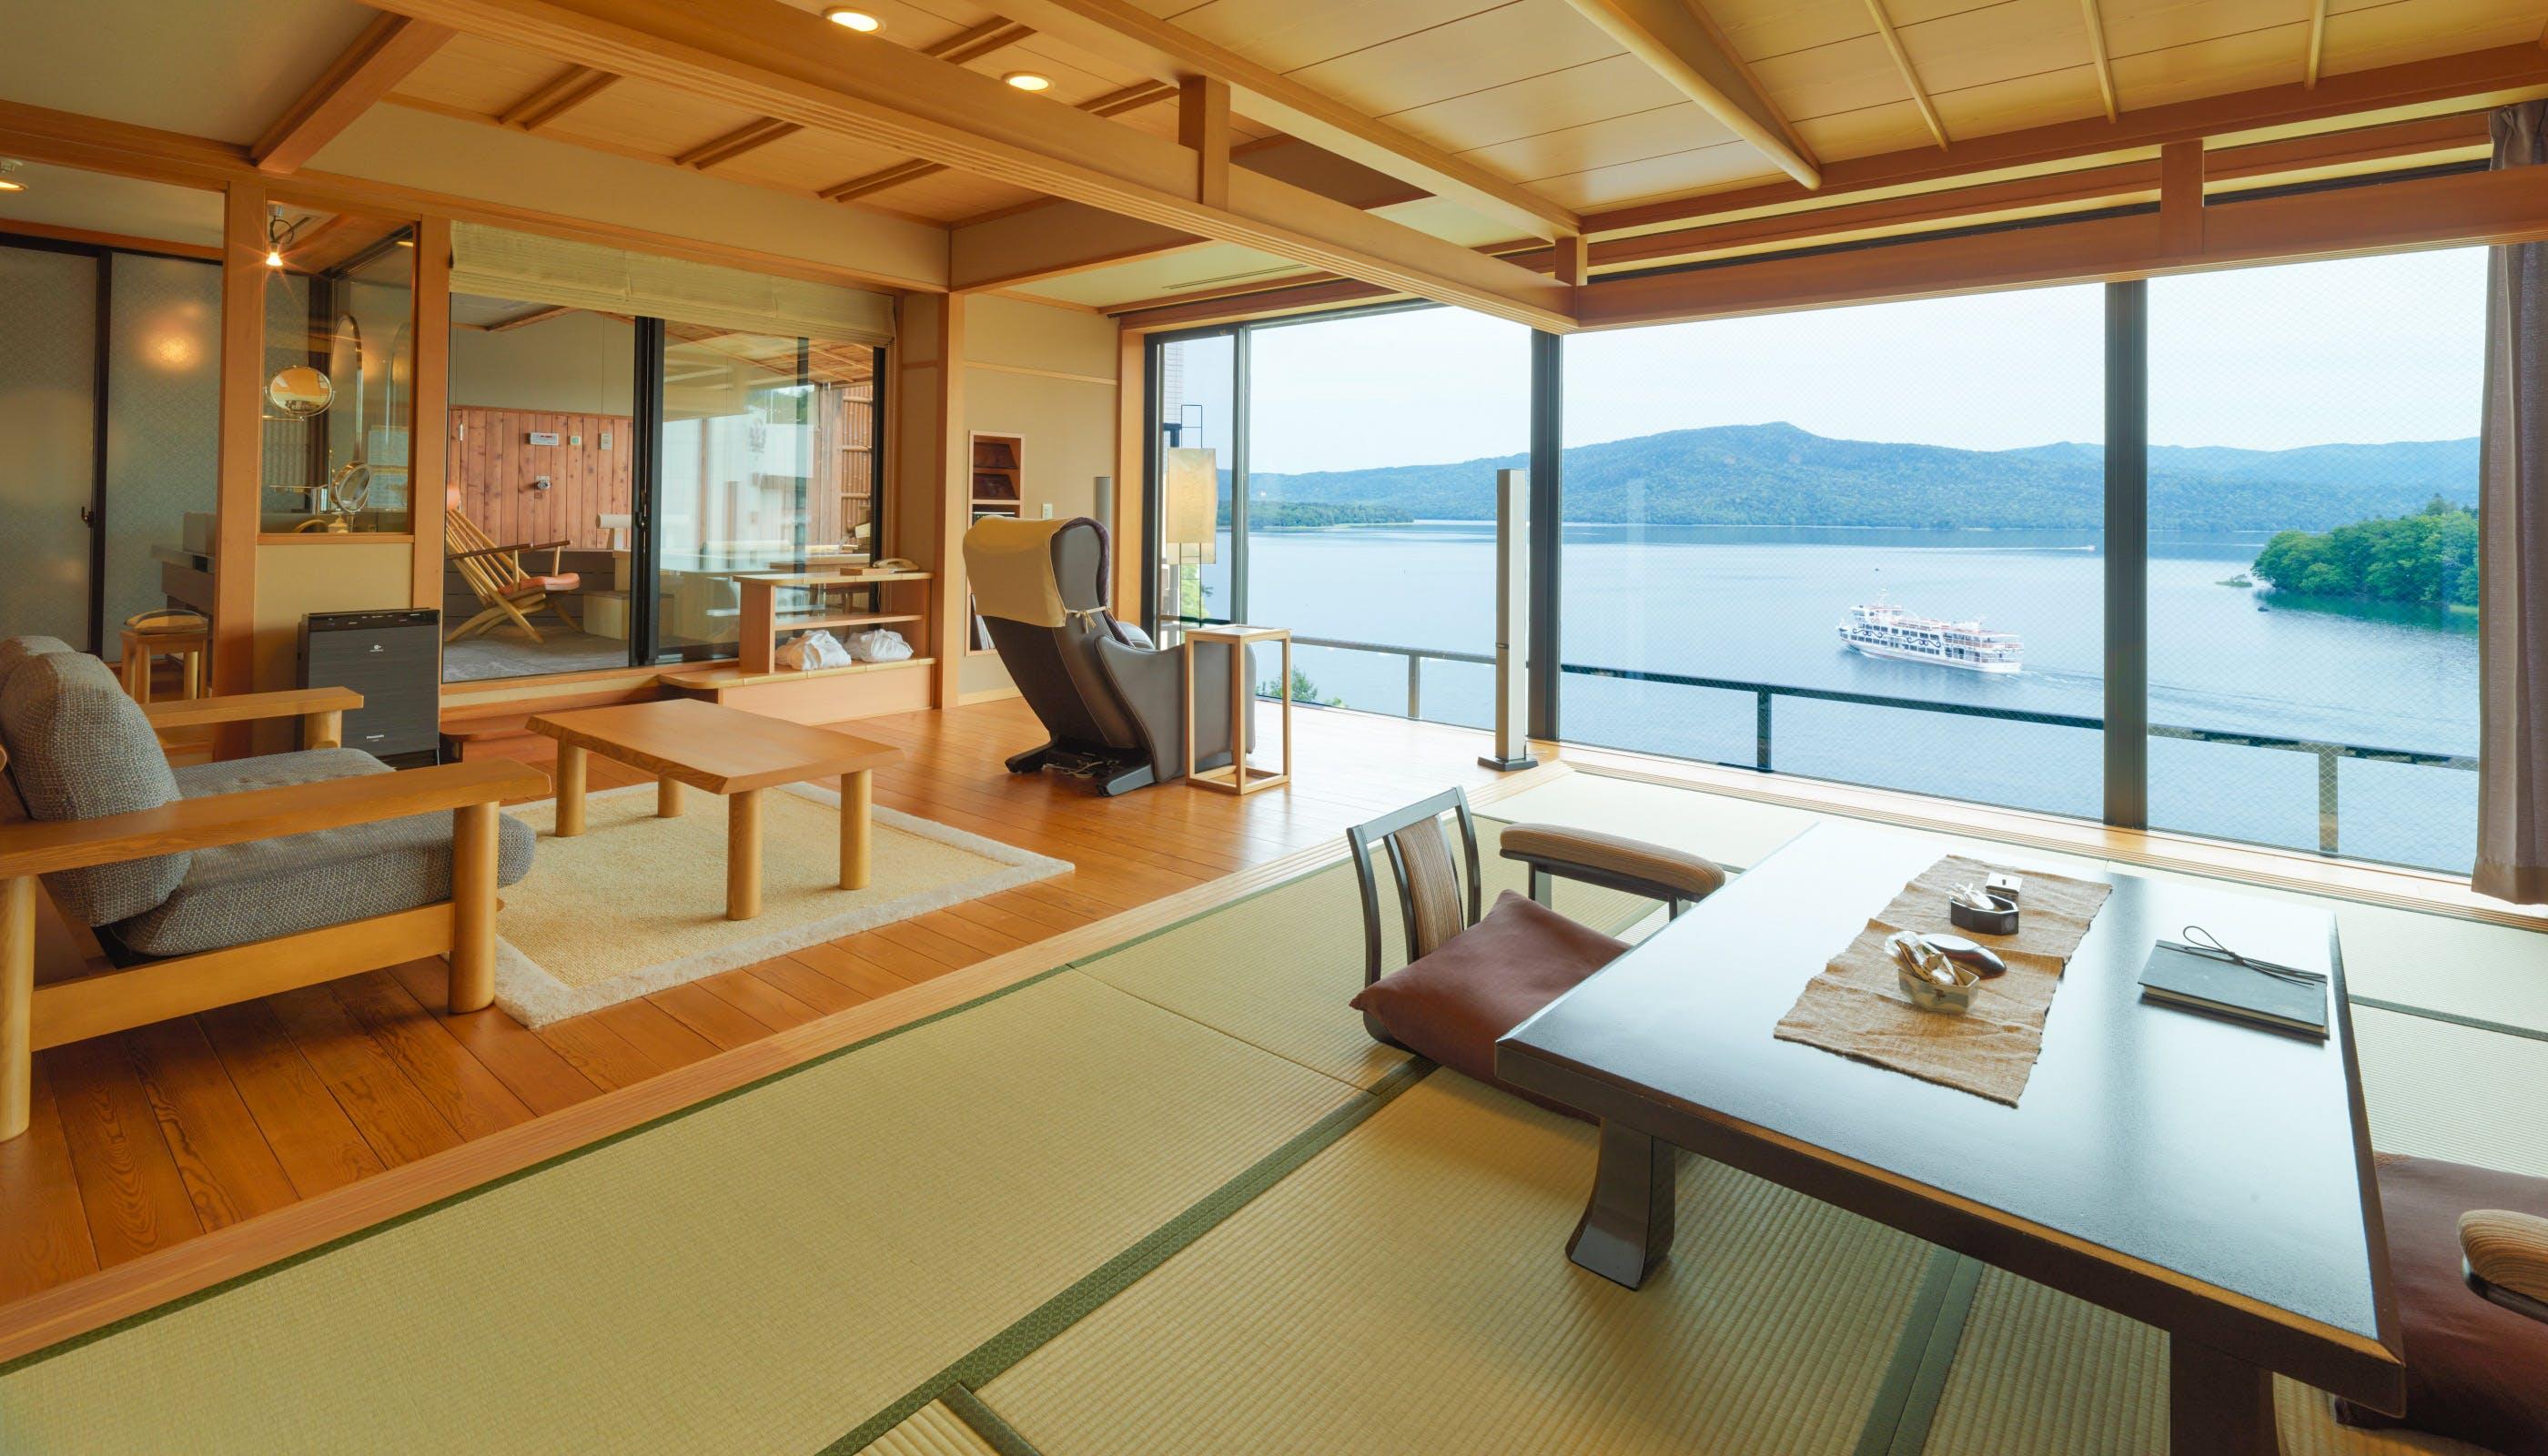 レイクビューの絶景を楽しめる北海道の温泉宿5選